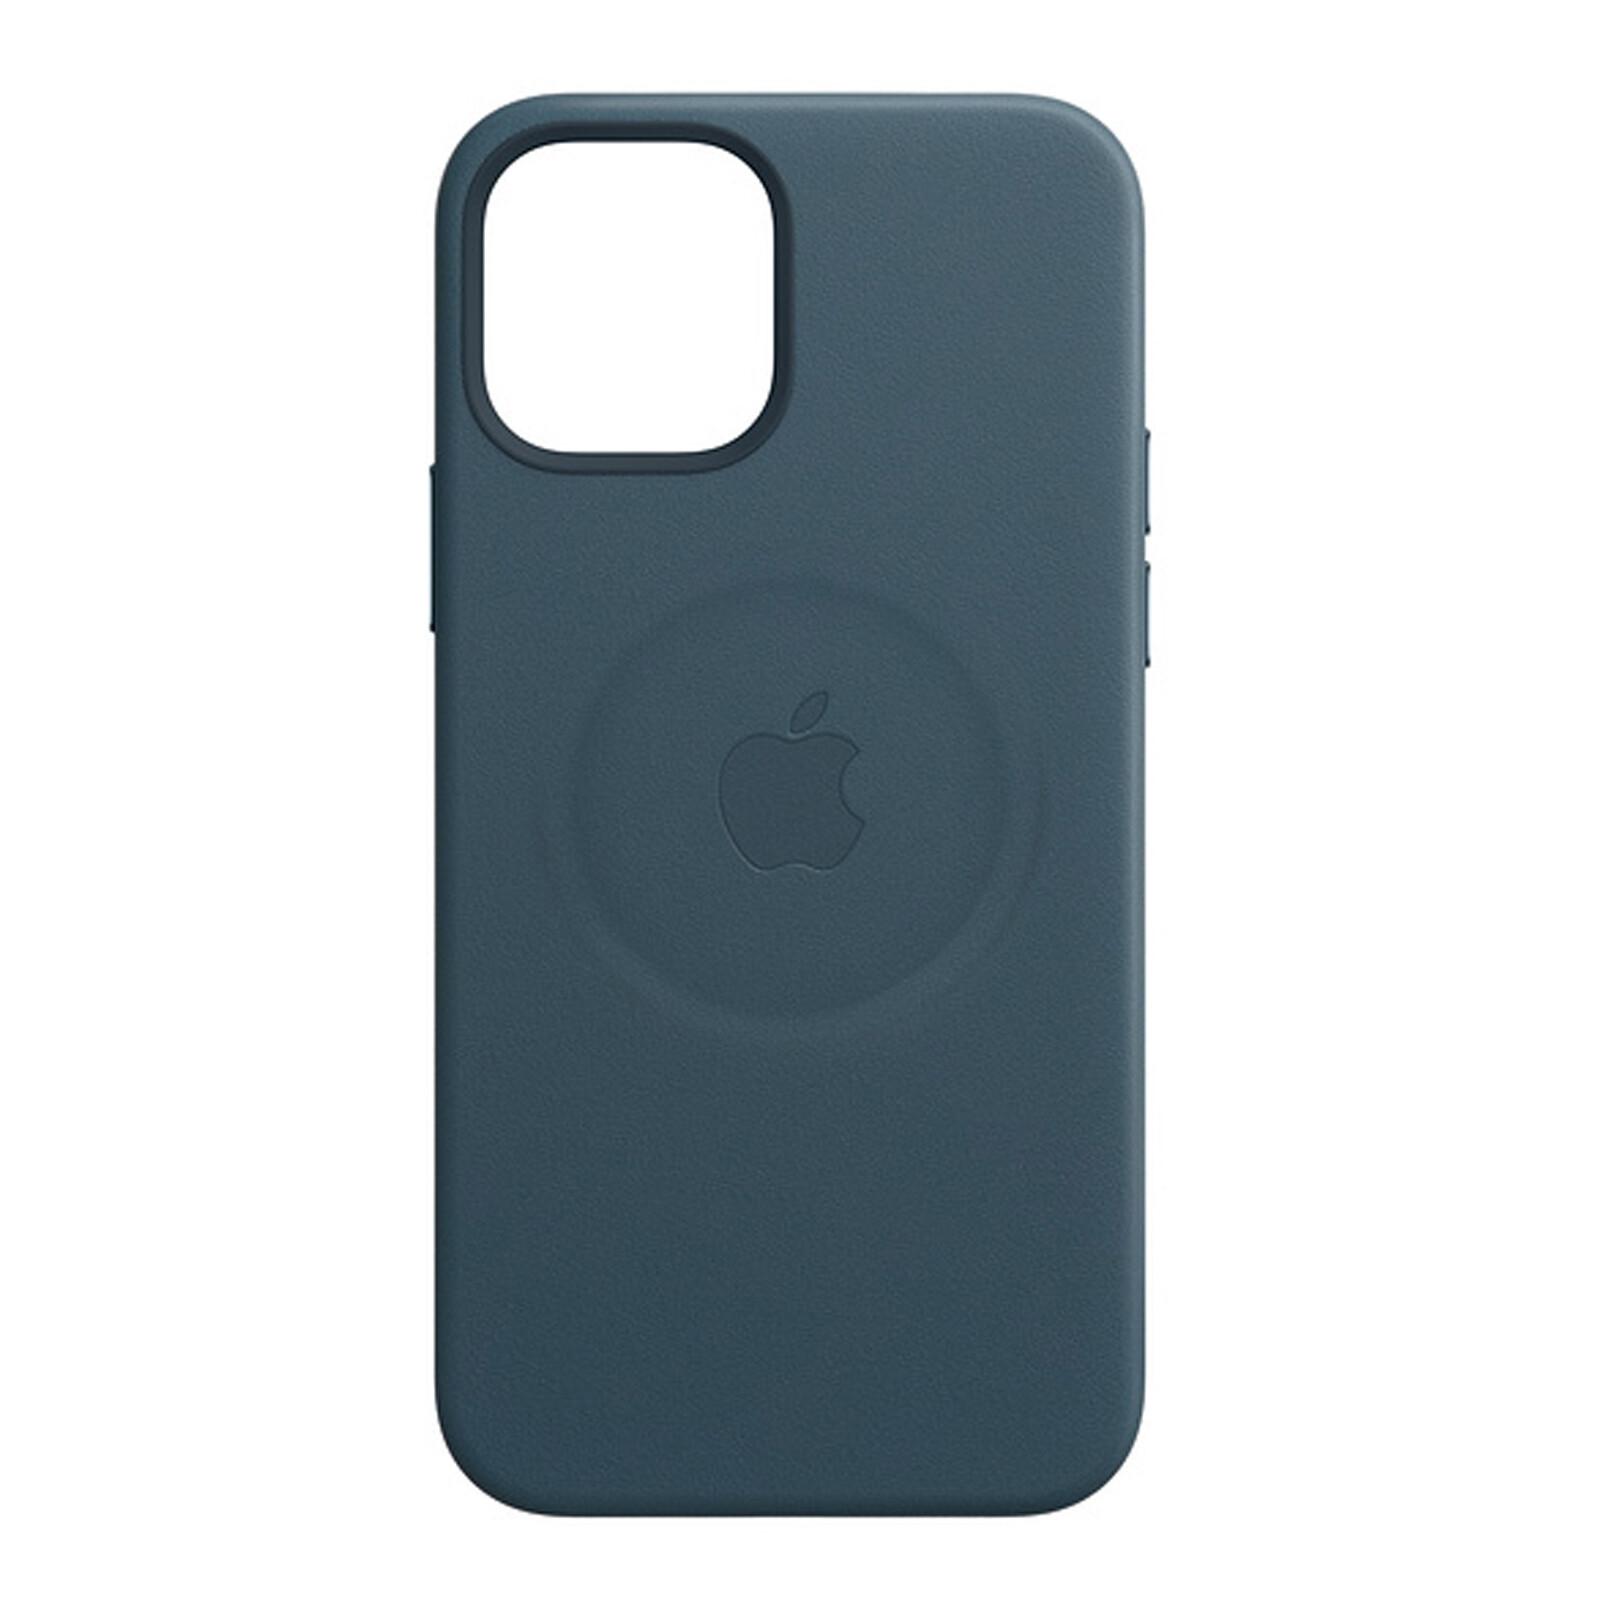 Apple iPhone 12/12 Pro Leder Case mit MagSafe baltischblau